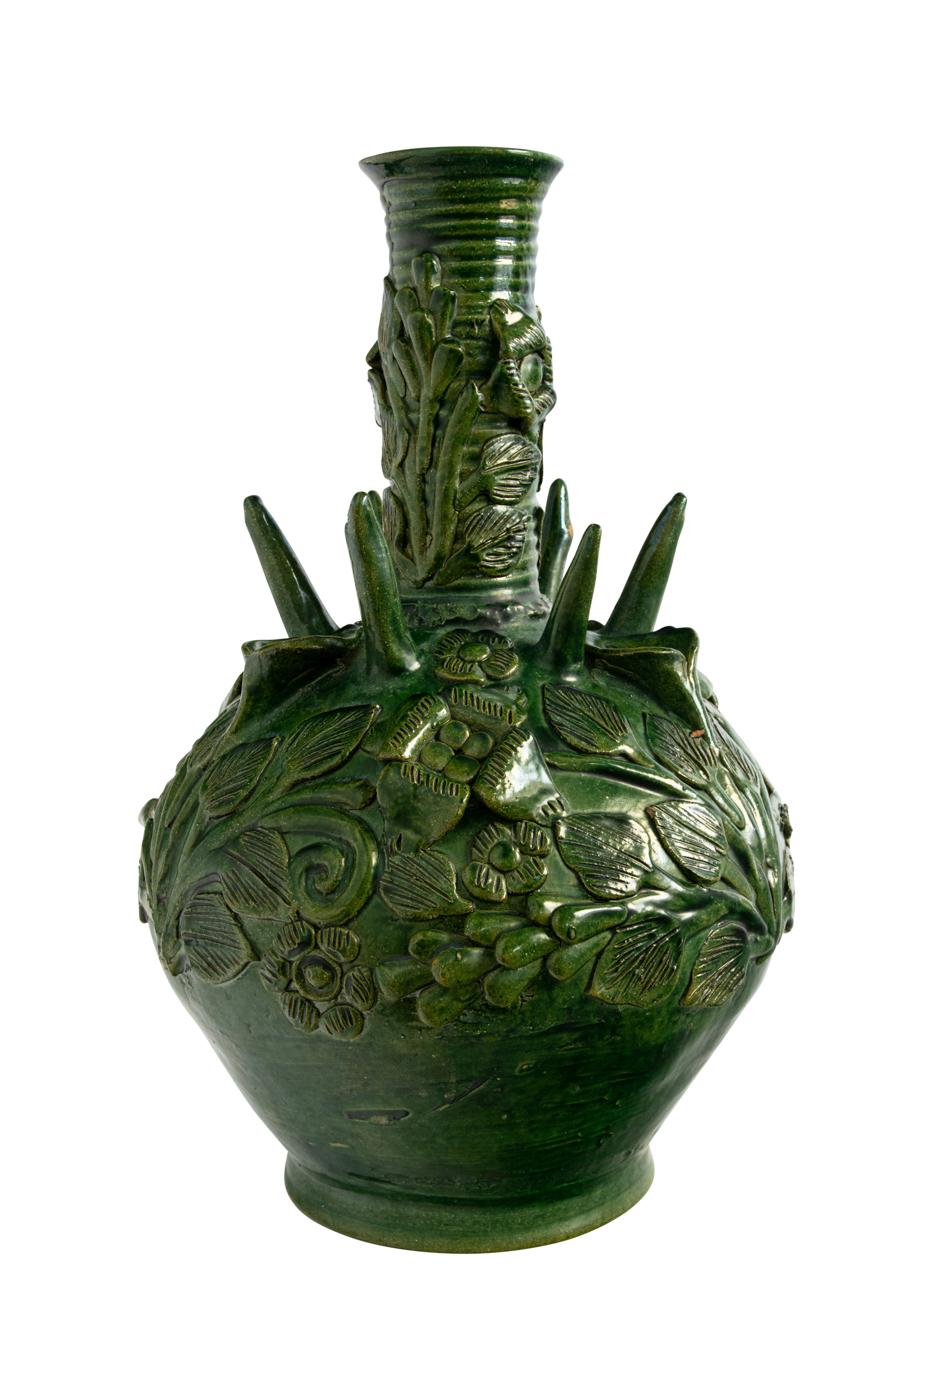 Mexican green ceramic tulip vase